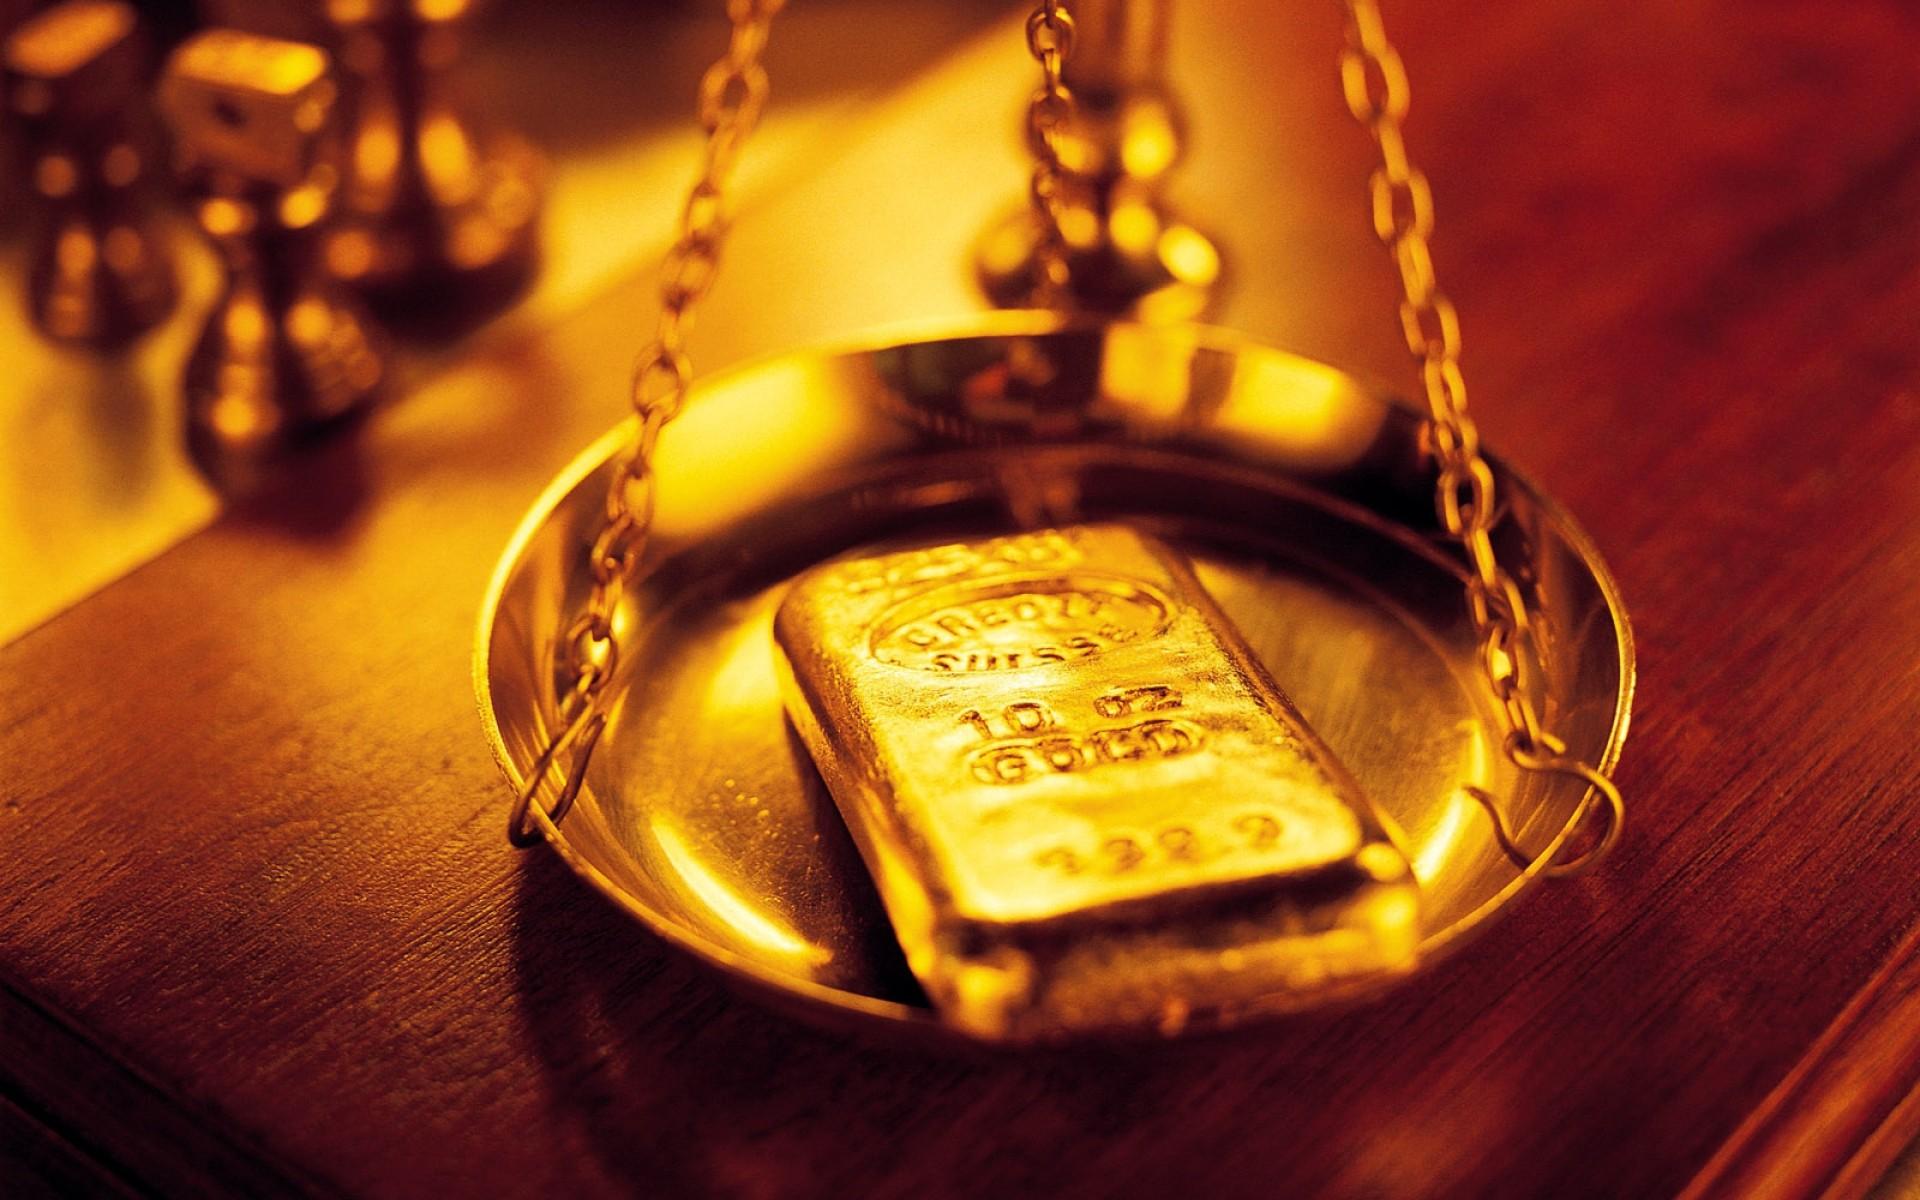 Sfondi Natalizi Oro.Sfondi Oro 46 Immagini